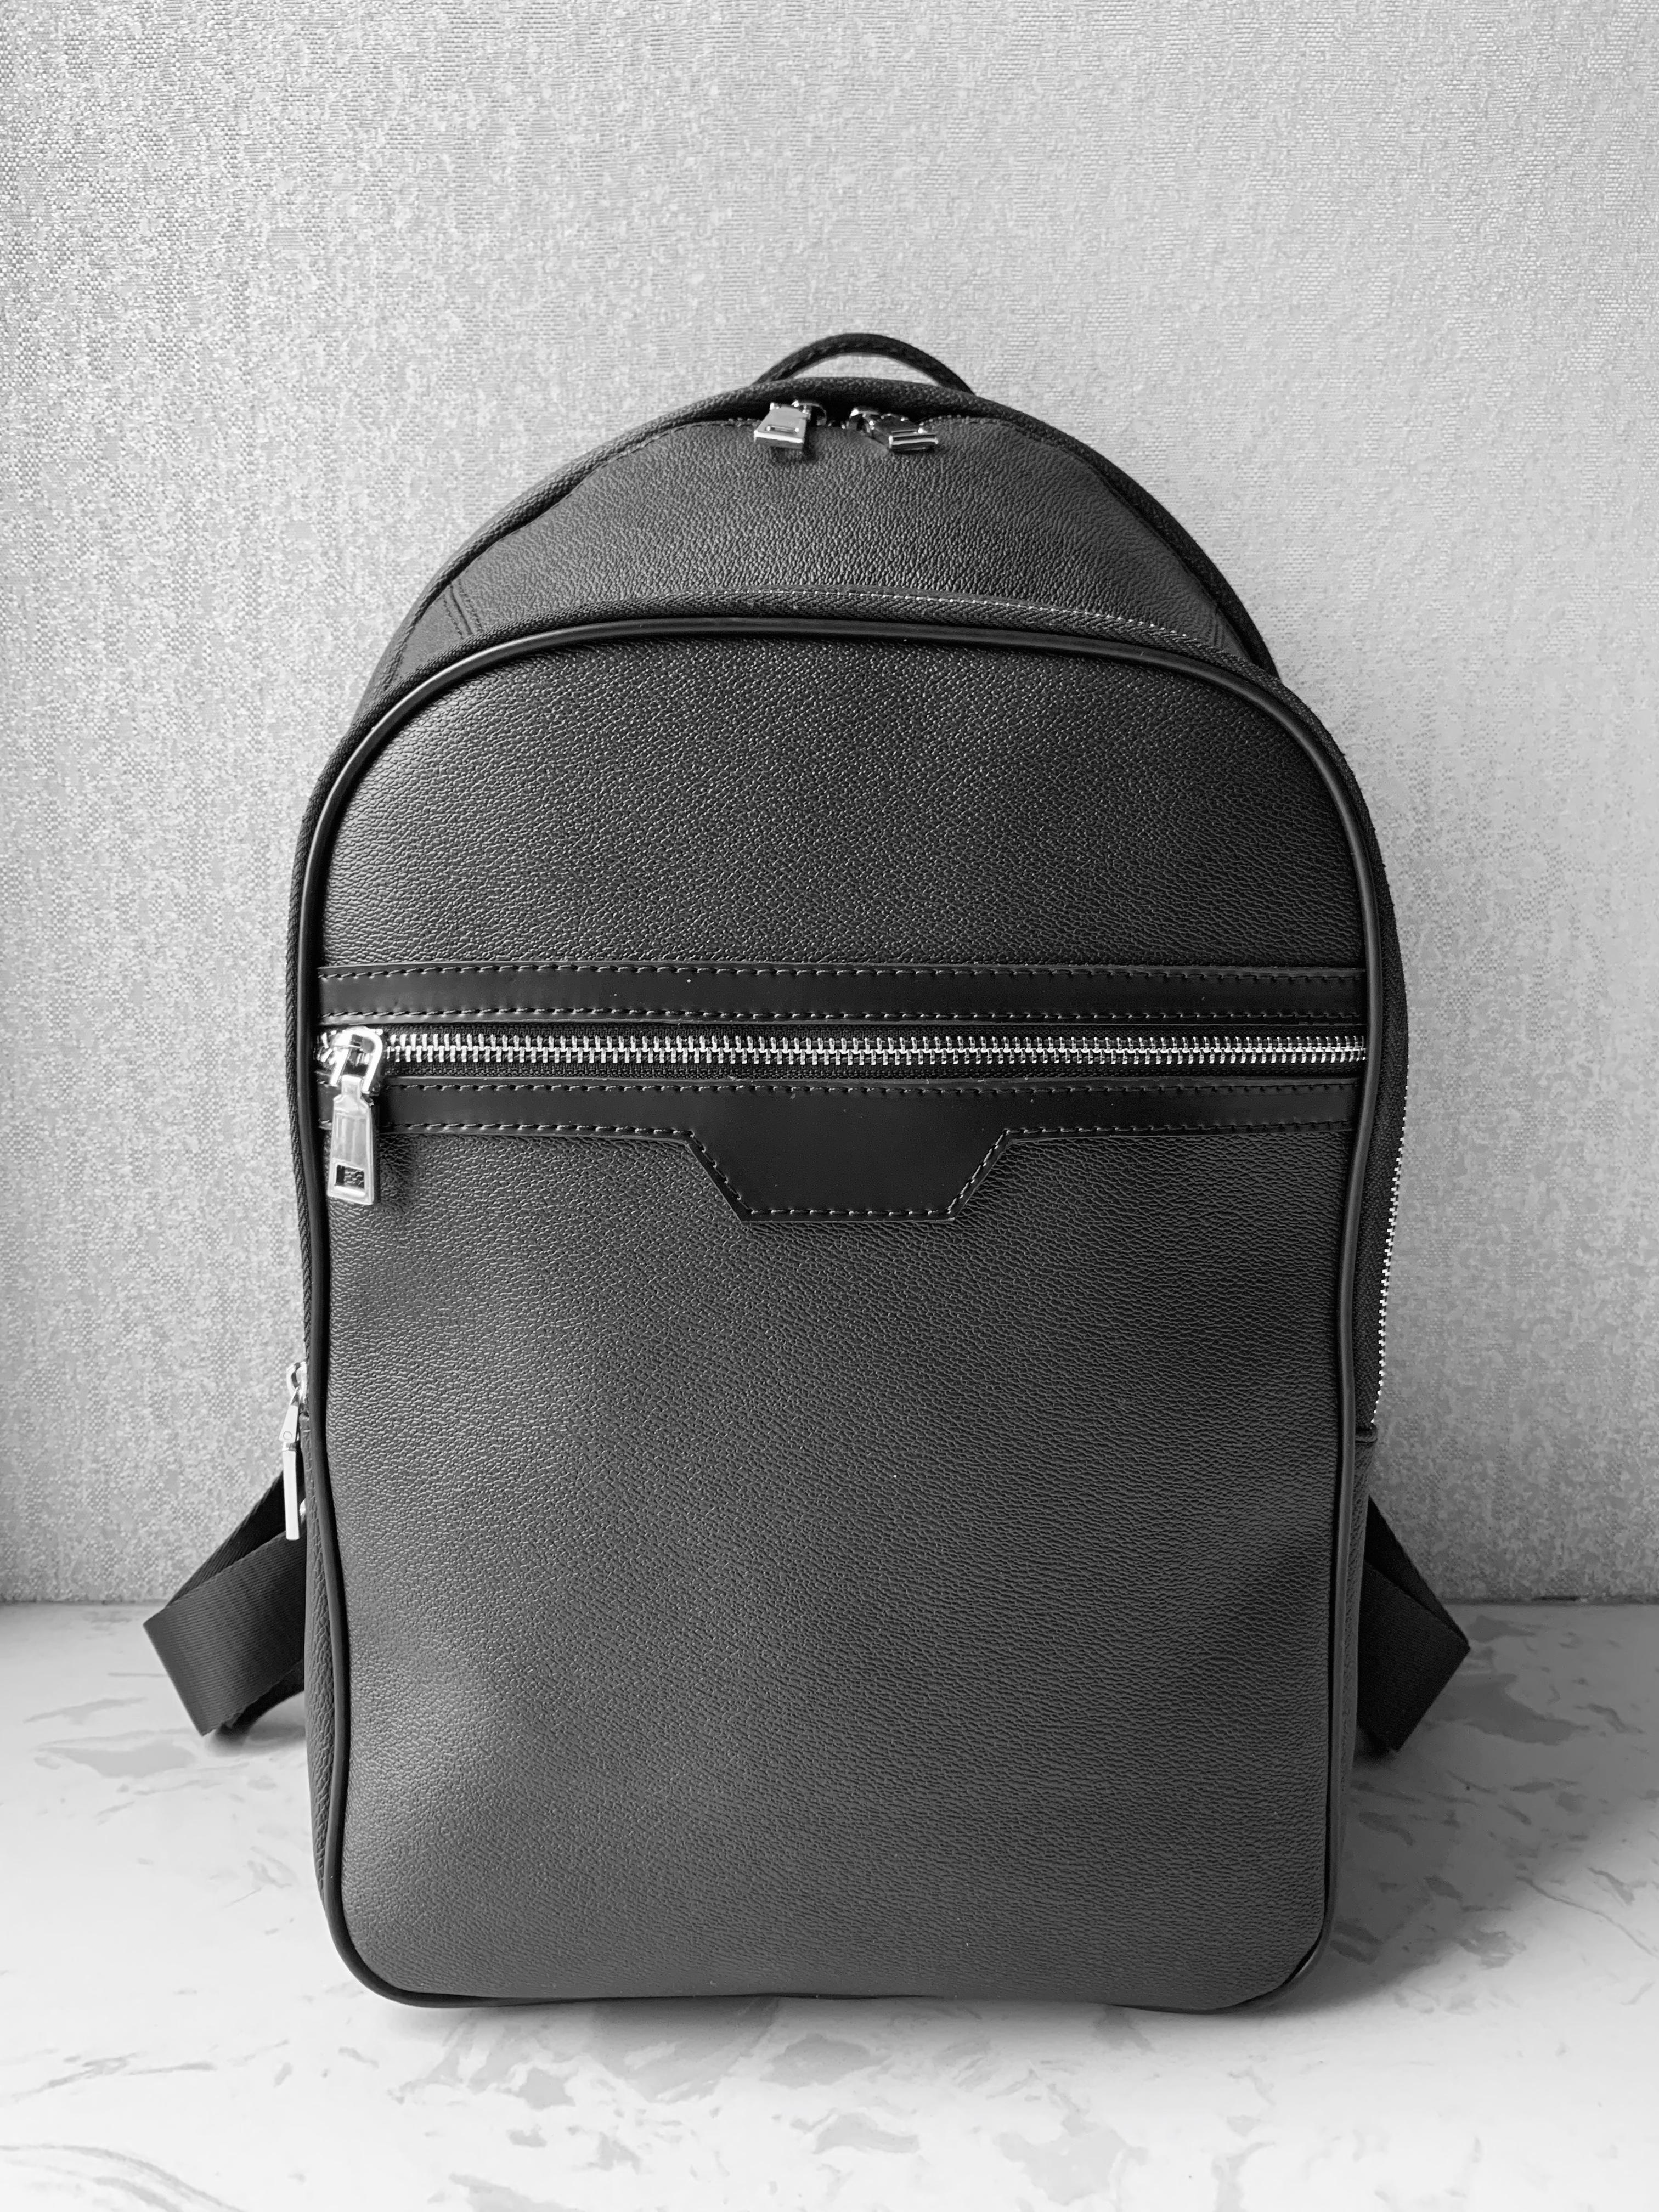 العلامة التجارية حزم الكتف الفاخرة الفتيان حقيبة الظهر الكبيرة رسائل كلاسيكية طالب الرجال مزدوجة في الهواء الطلق ساحة السفر أكياس S EQVJM